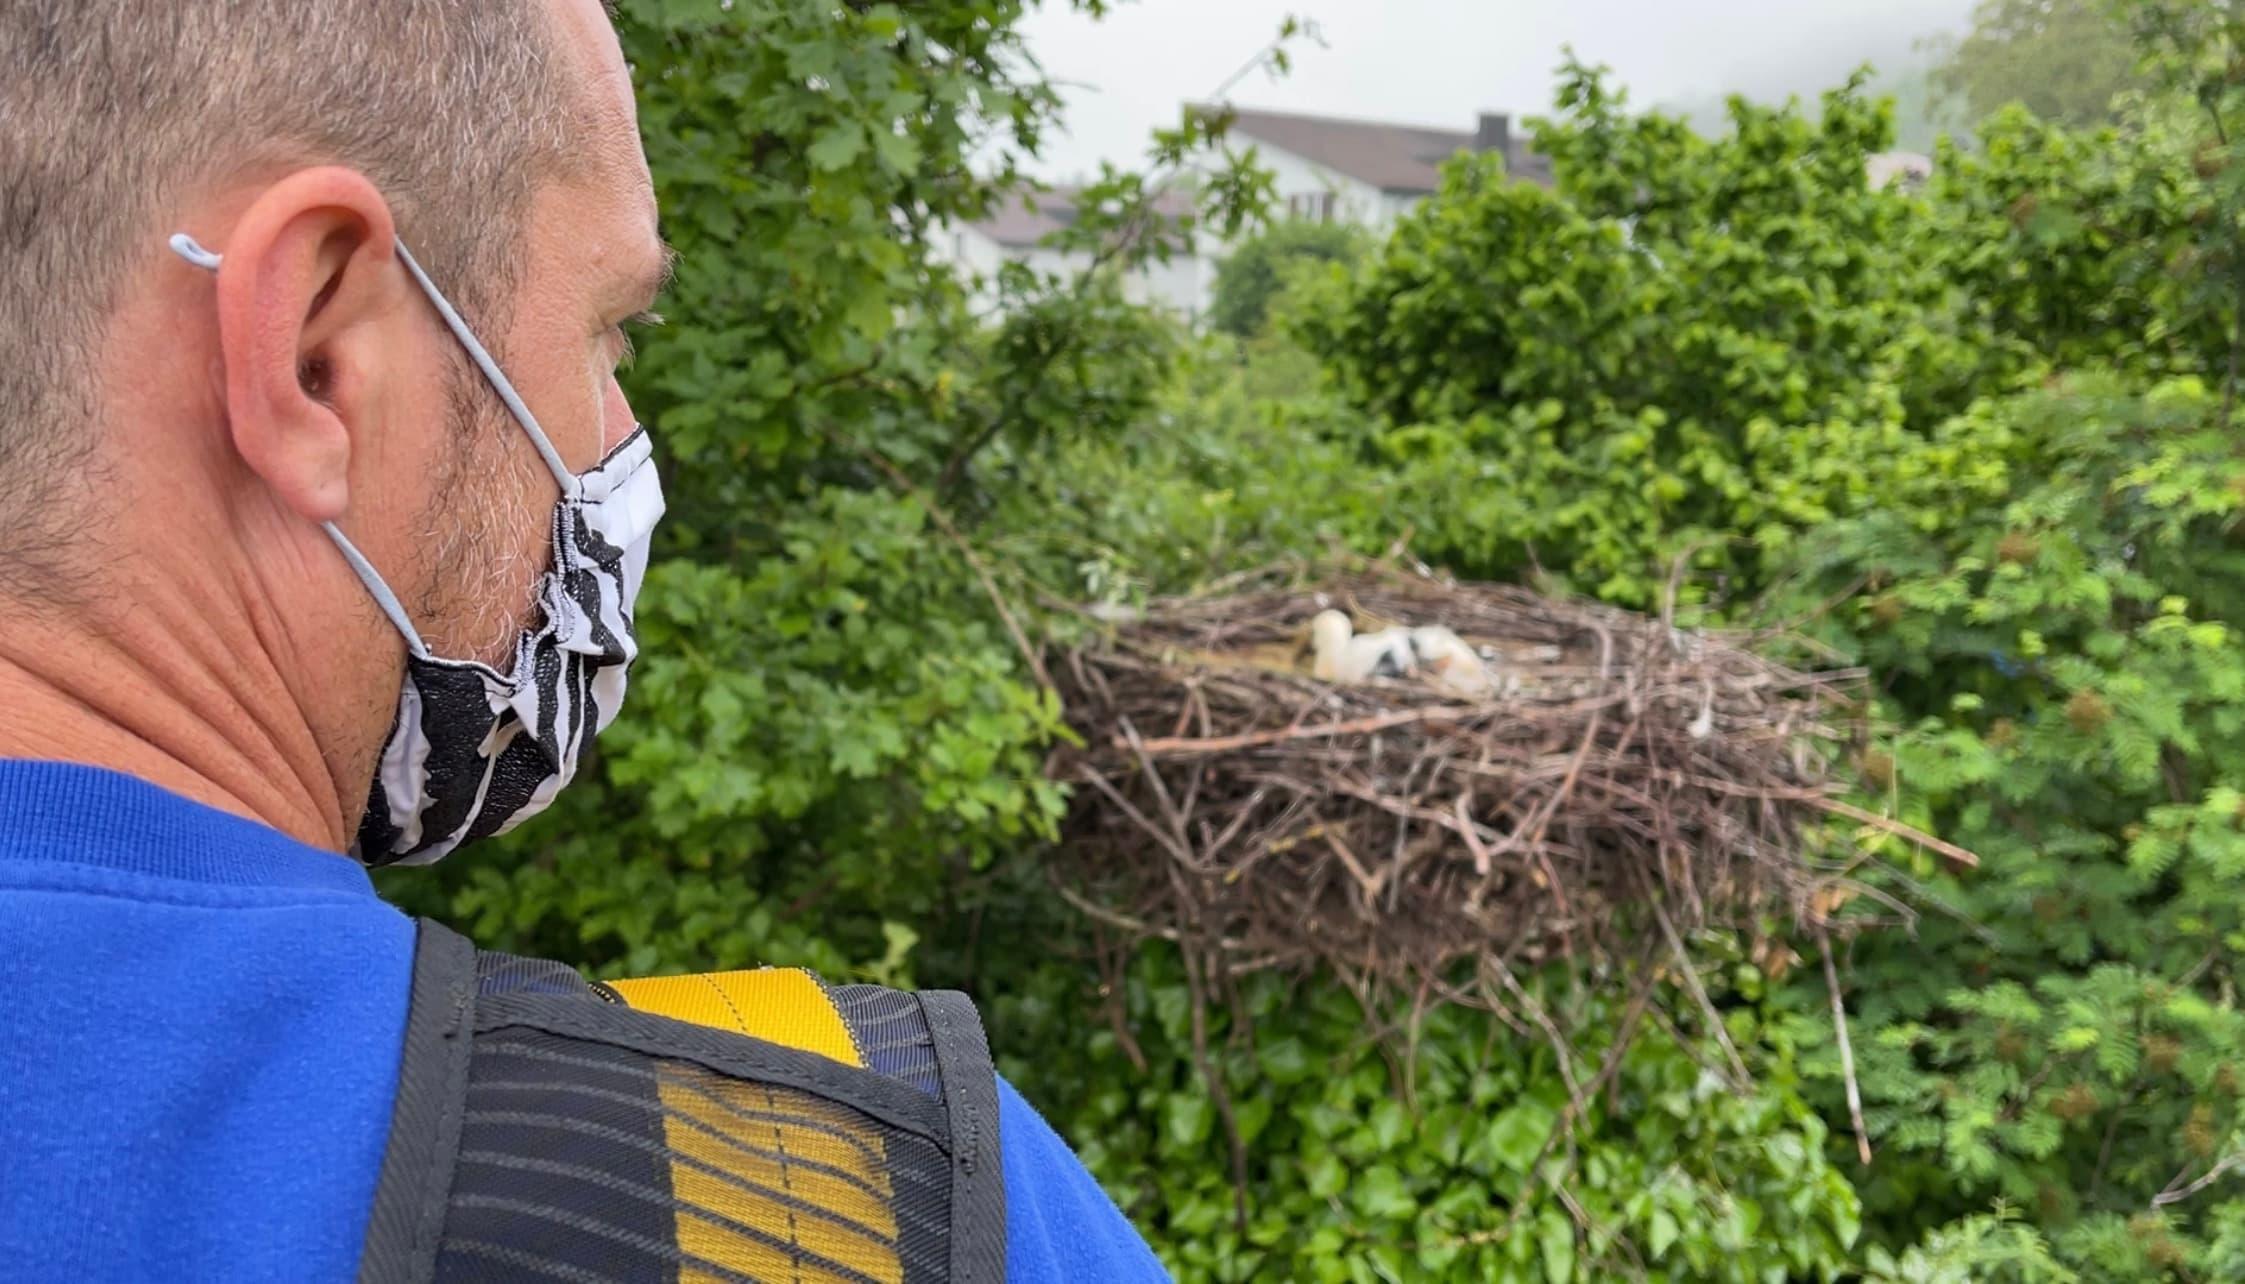 «Anflug» auf den Horst. Die Elterntiere sind weggeflogen, kehren aber sofort zurück, sobald die Leiter mit dem Tierpfleger wieder weg ist.